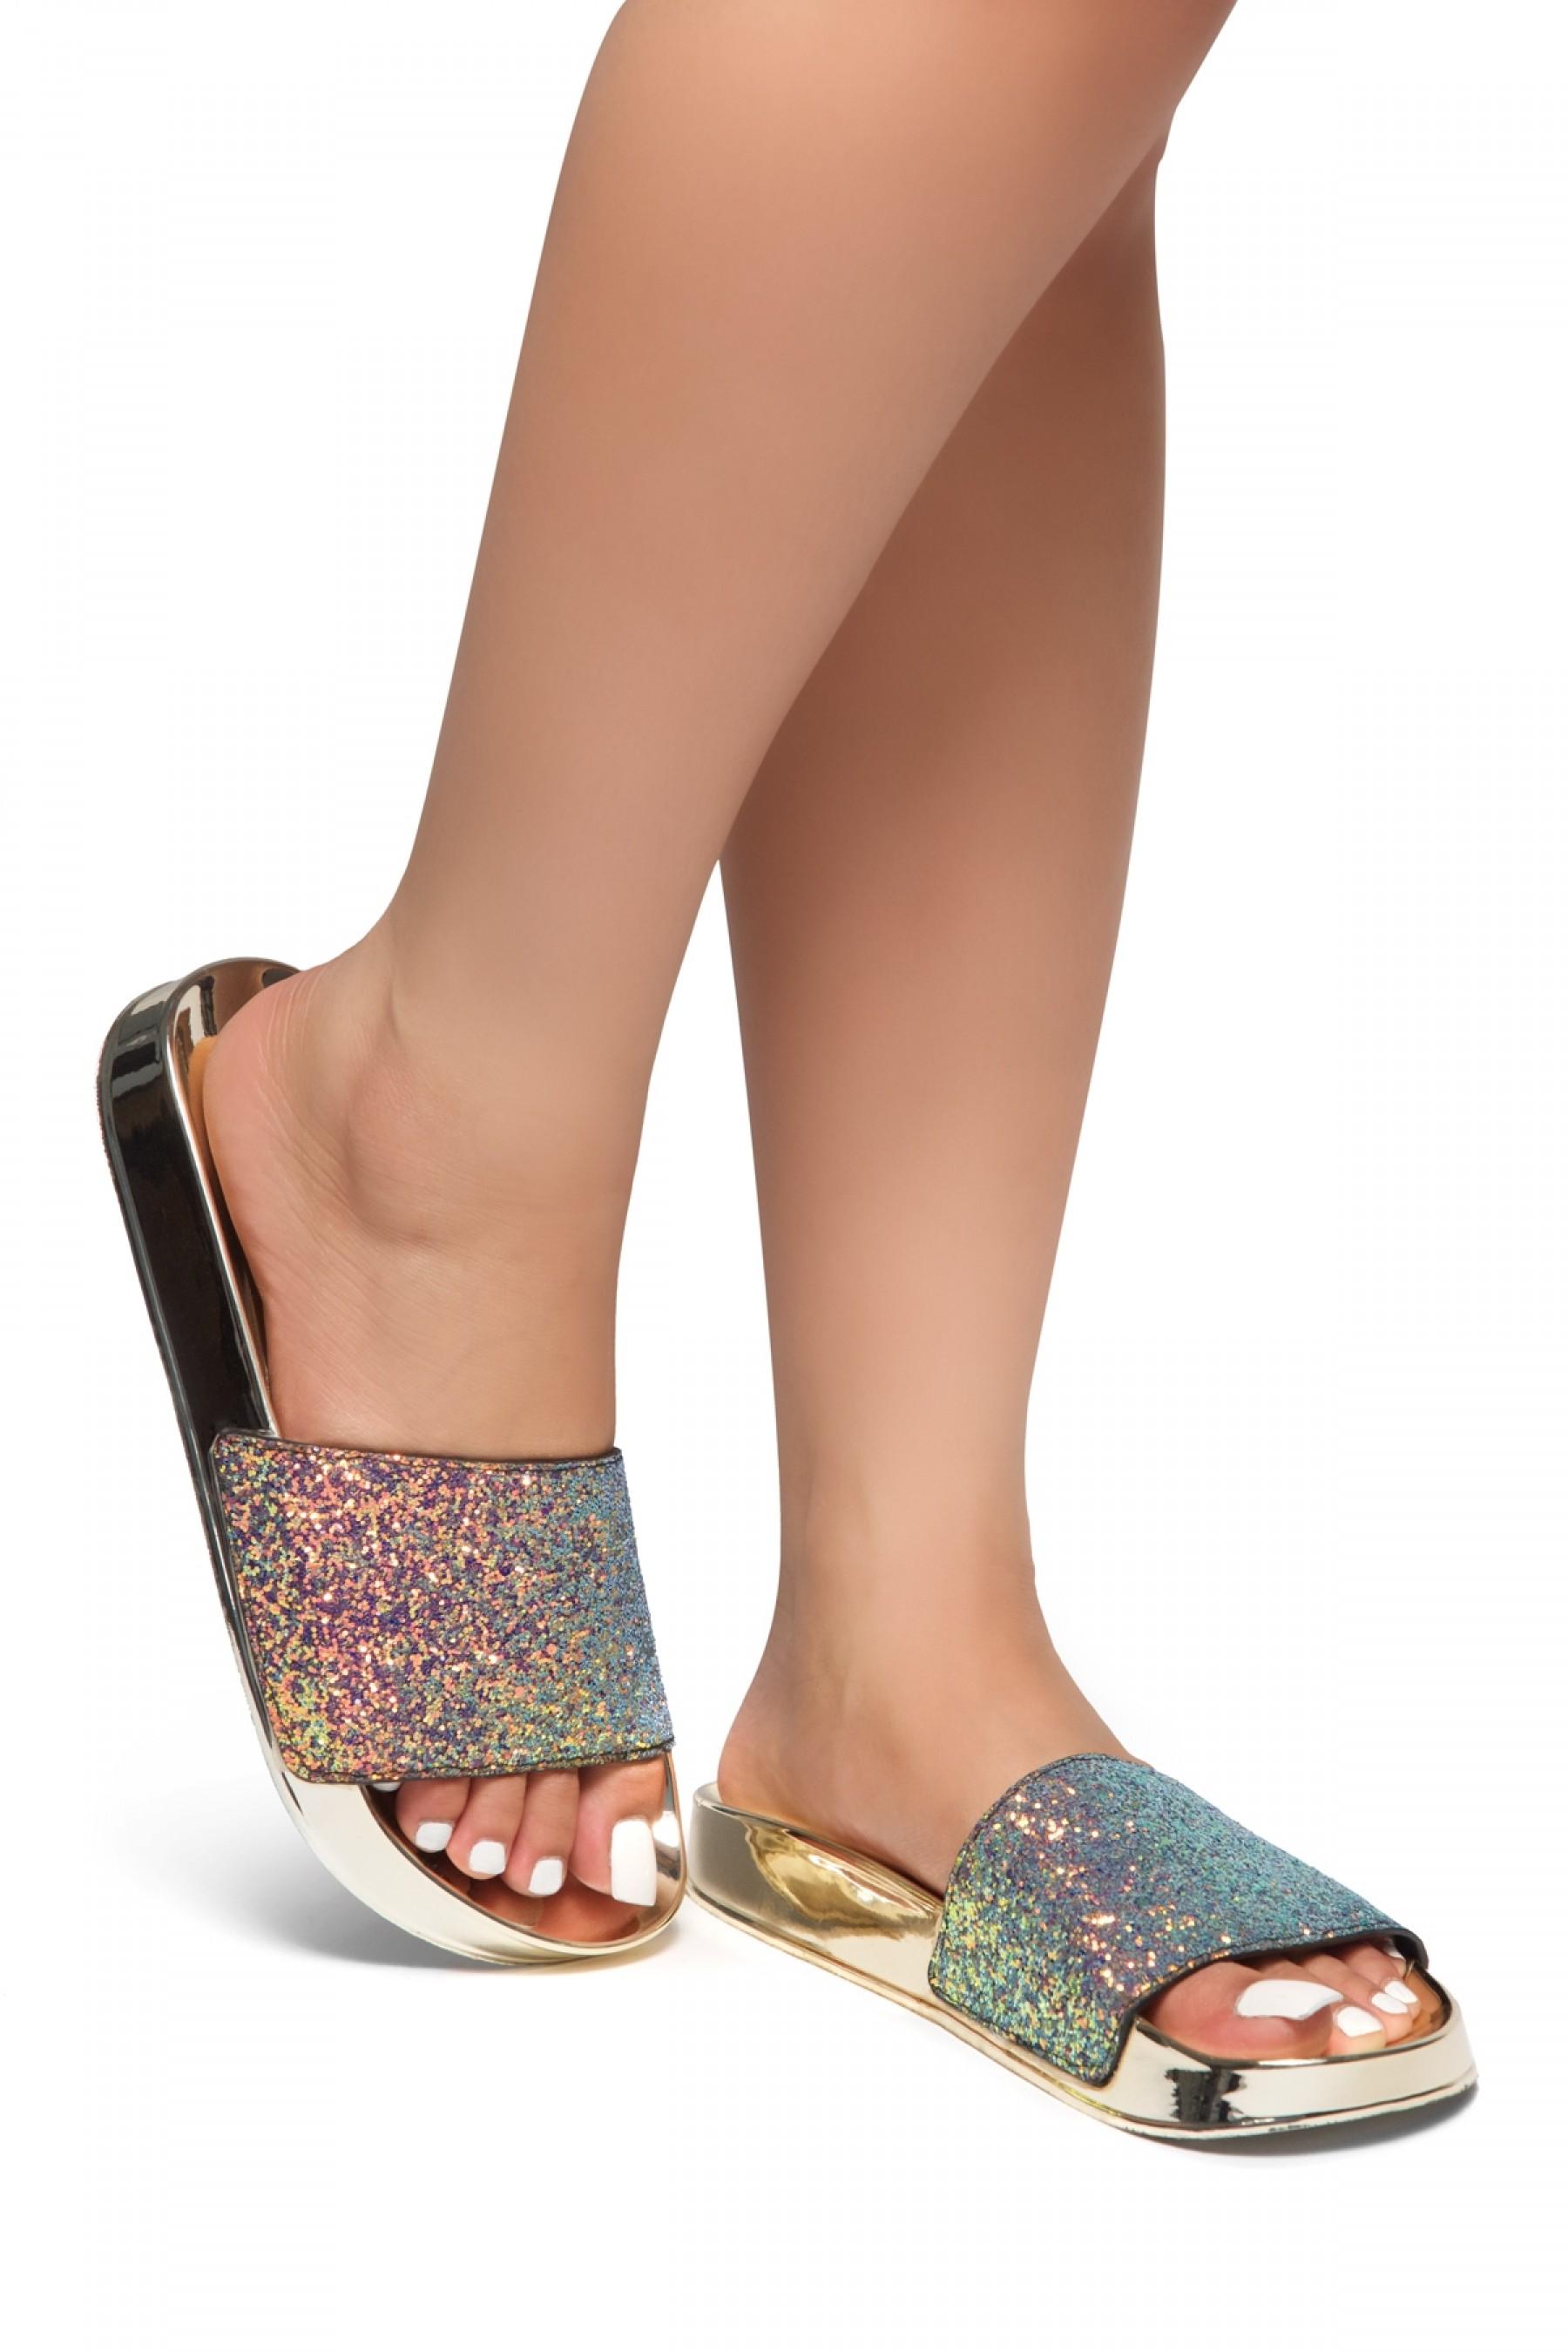 20b55eb8fe4b HerStyle SL-170802-Encrusted Iridescent Glitter Open Toe Slide Sandal